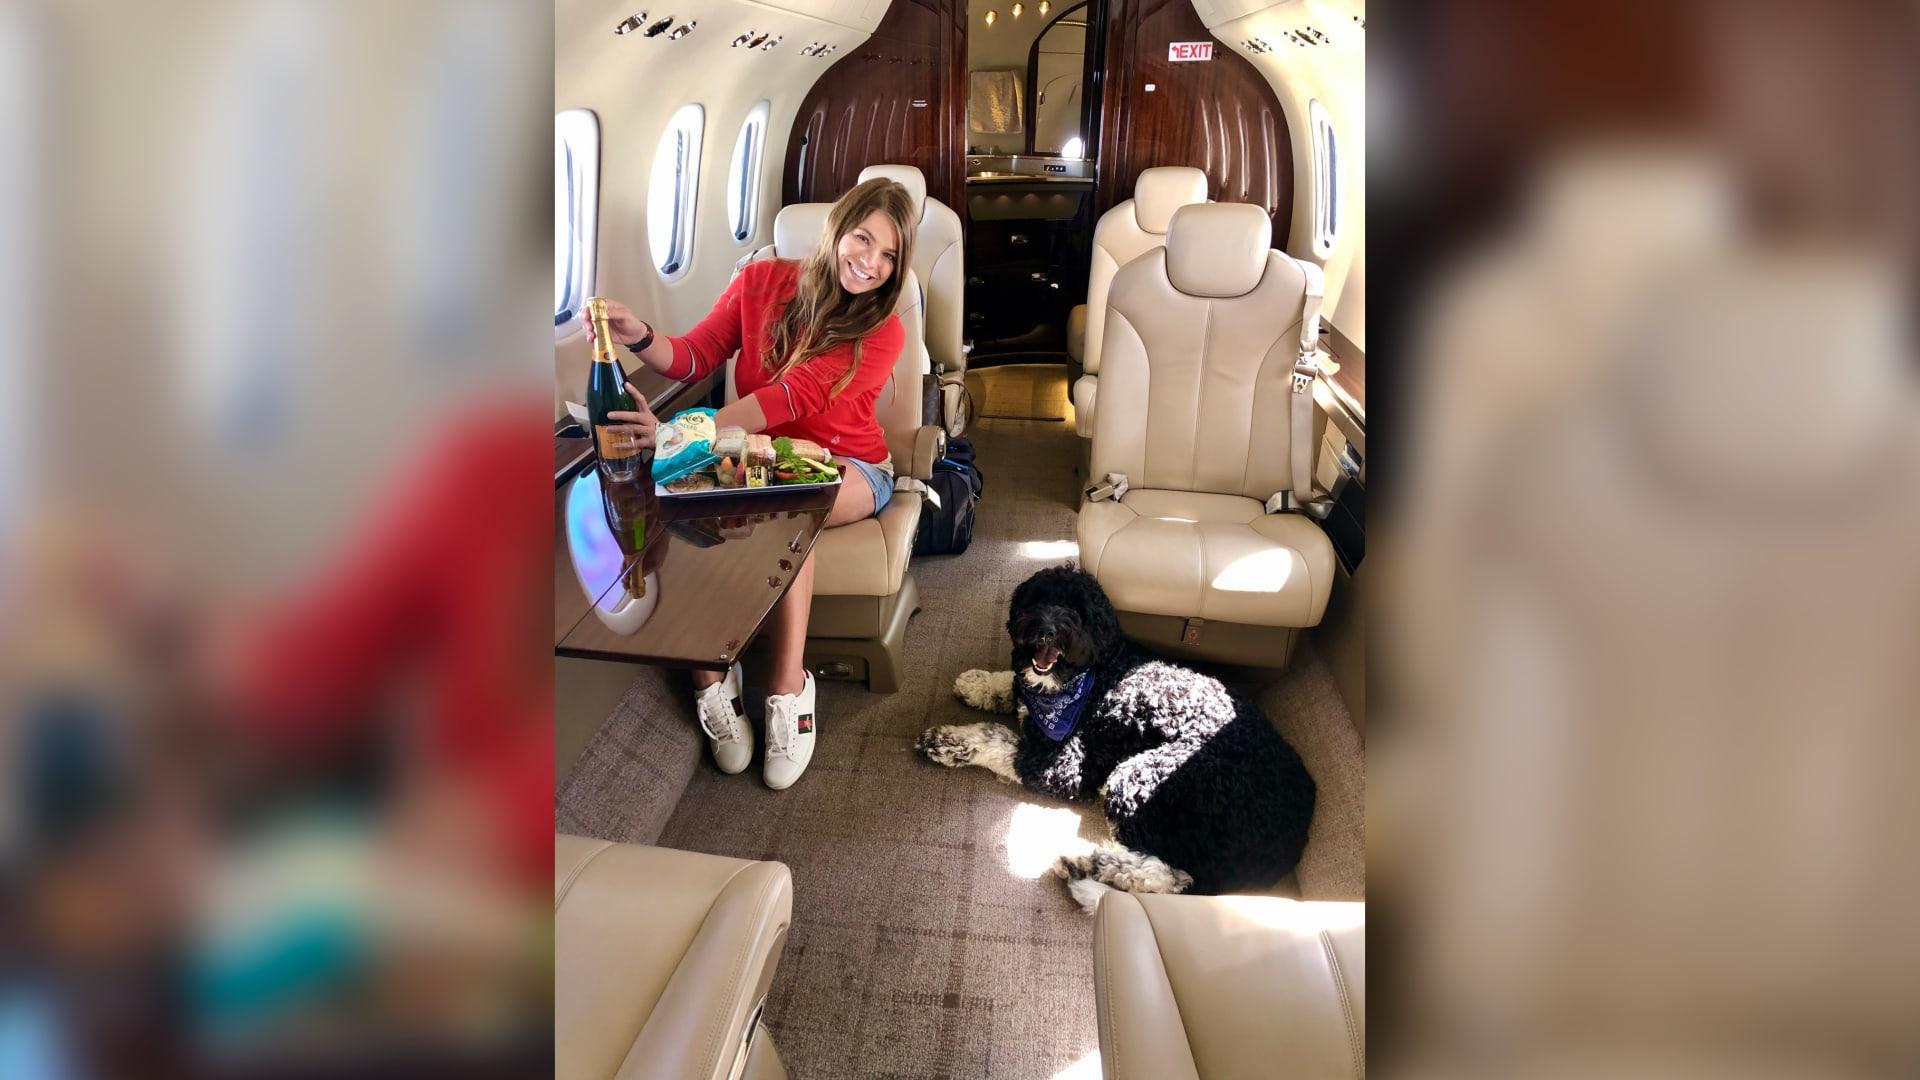 تتلقى معاملة المشاهير..لماذا تشهد الطائرات الخاصة المزيد من الركاب ذوات الفراء؟